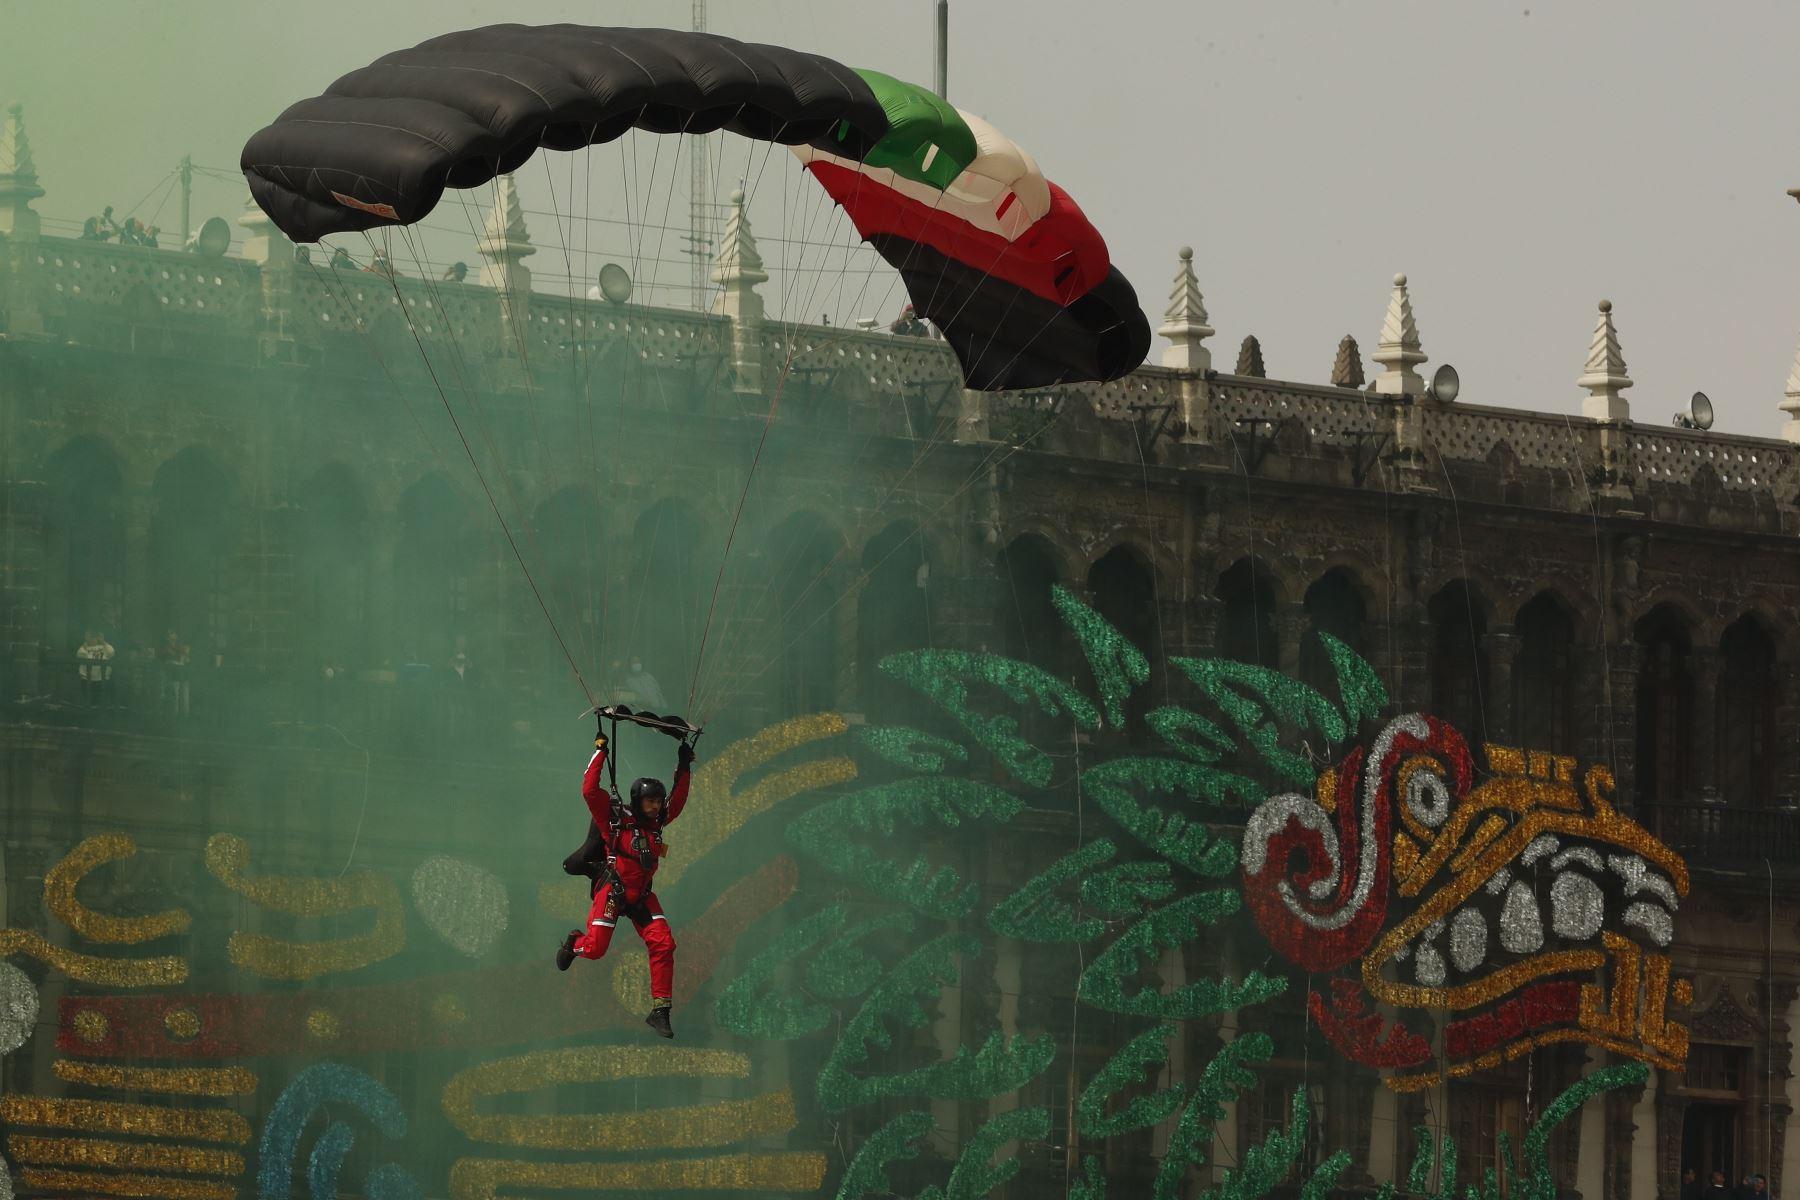 Aniversario de la Independencia de México se desarrolla en el Zócalo de Ciudad de México.  Foto: EFE